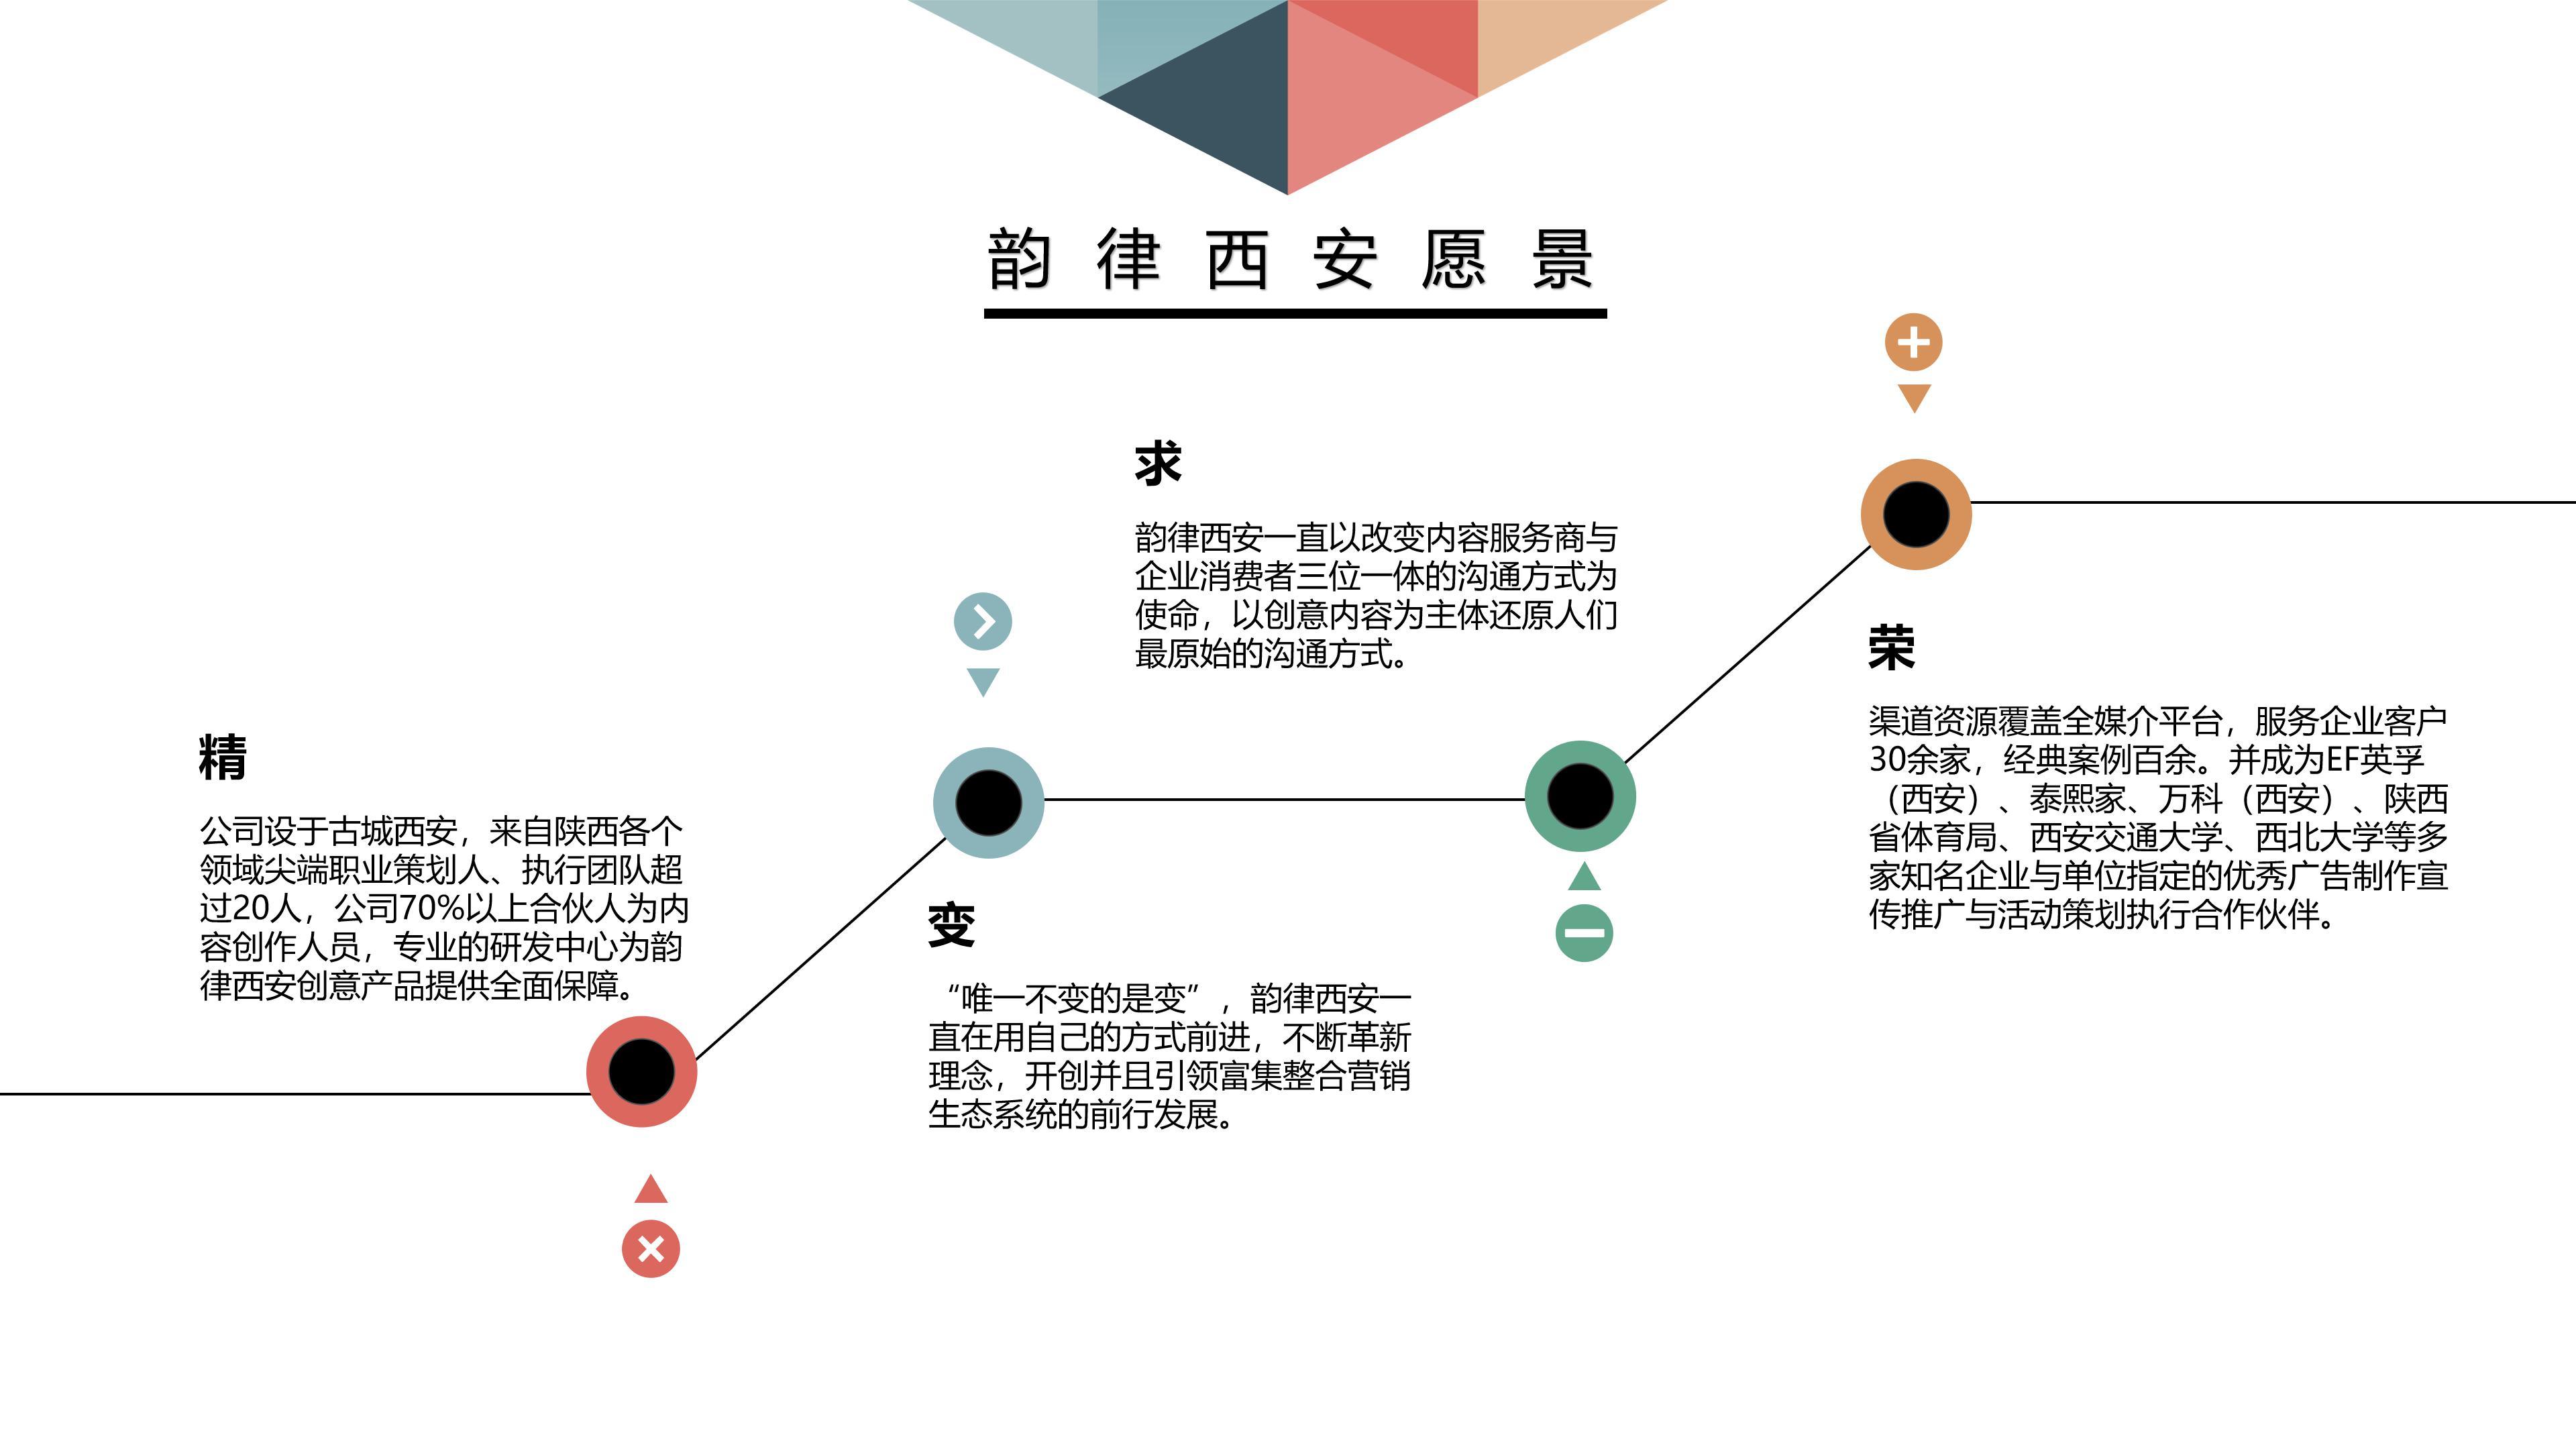 臺南新動向廣告文化傳播有限公司引見NEW_06